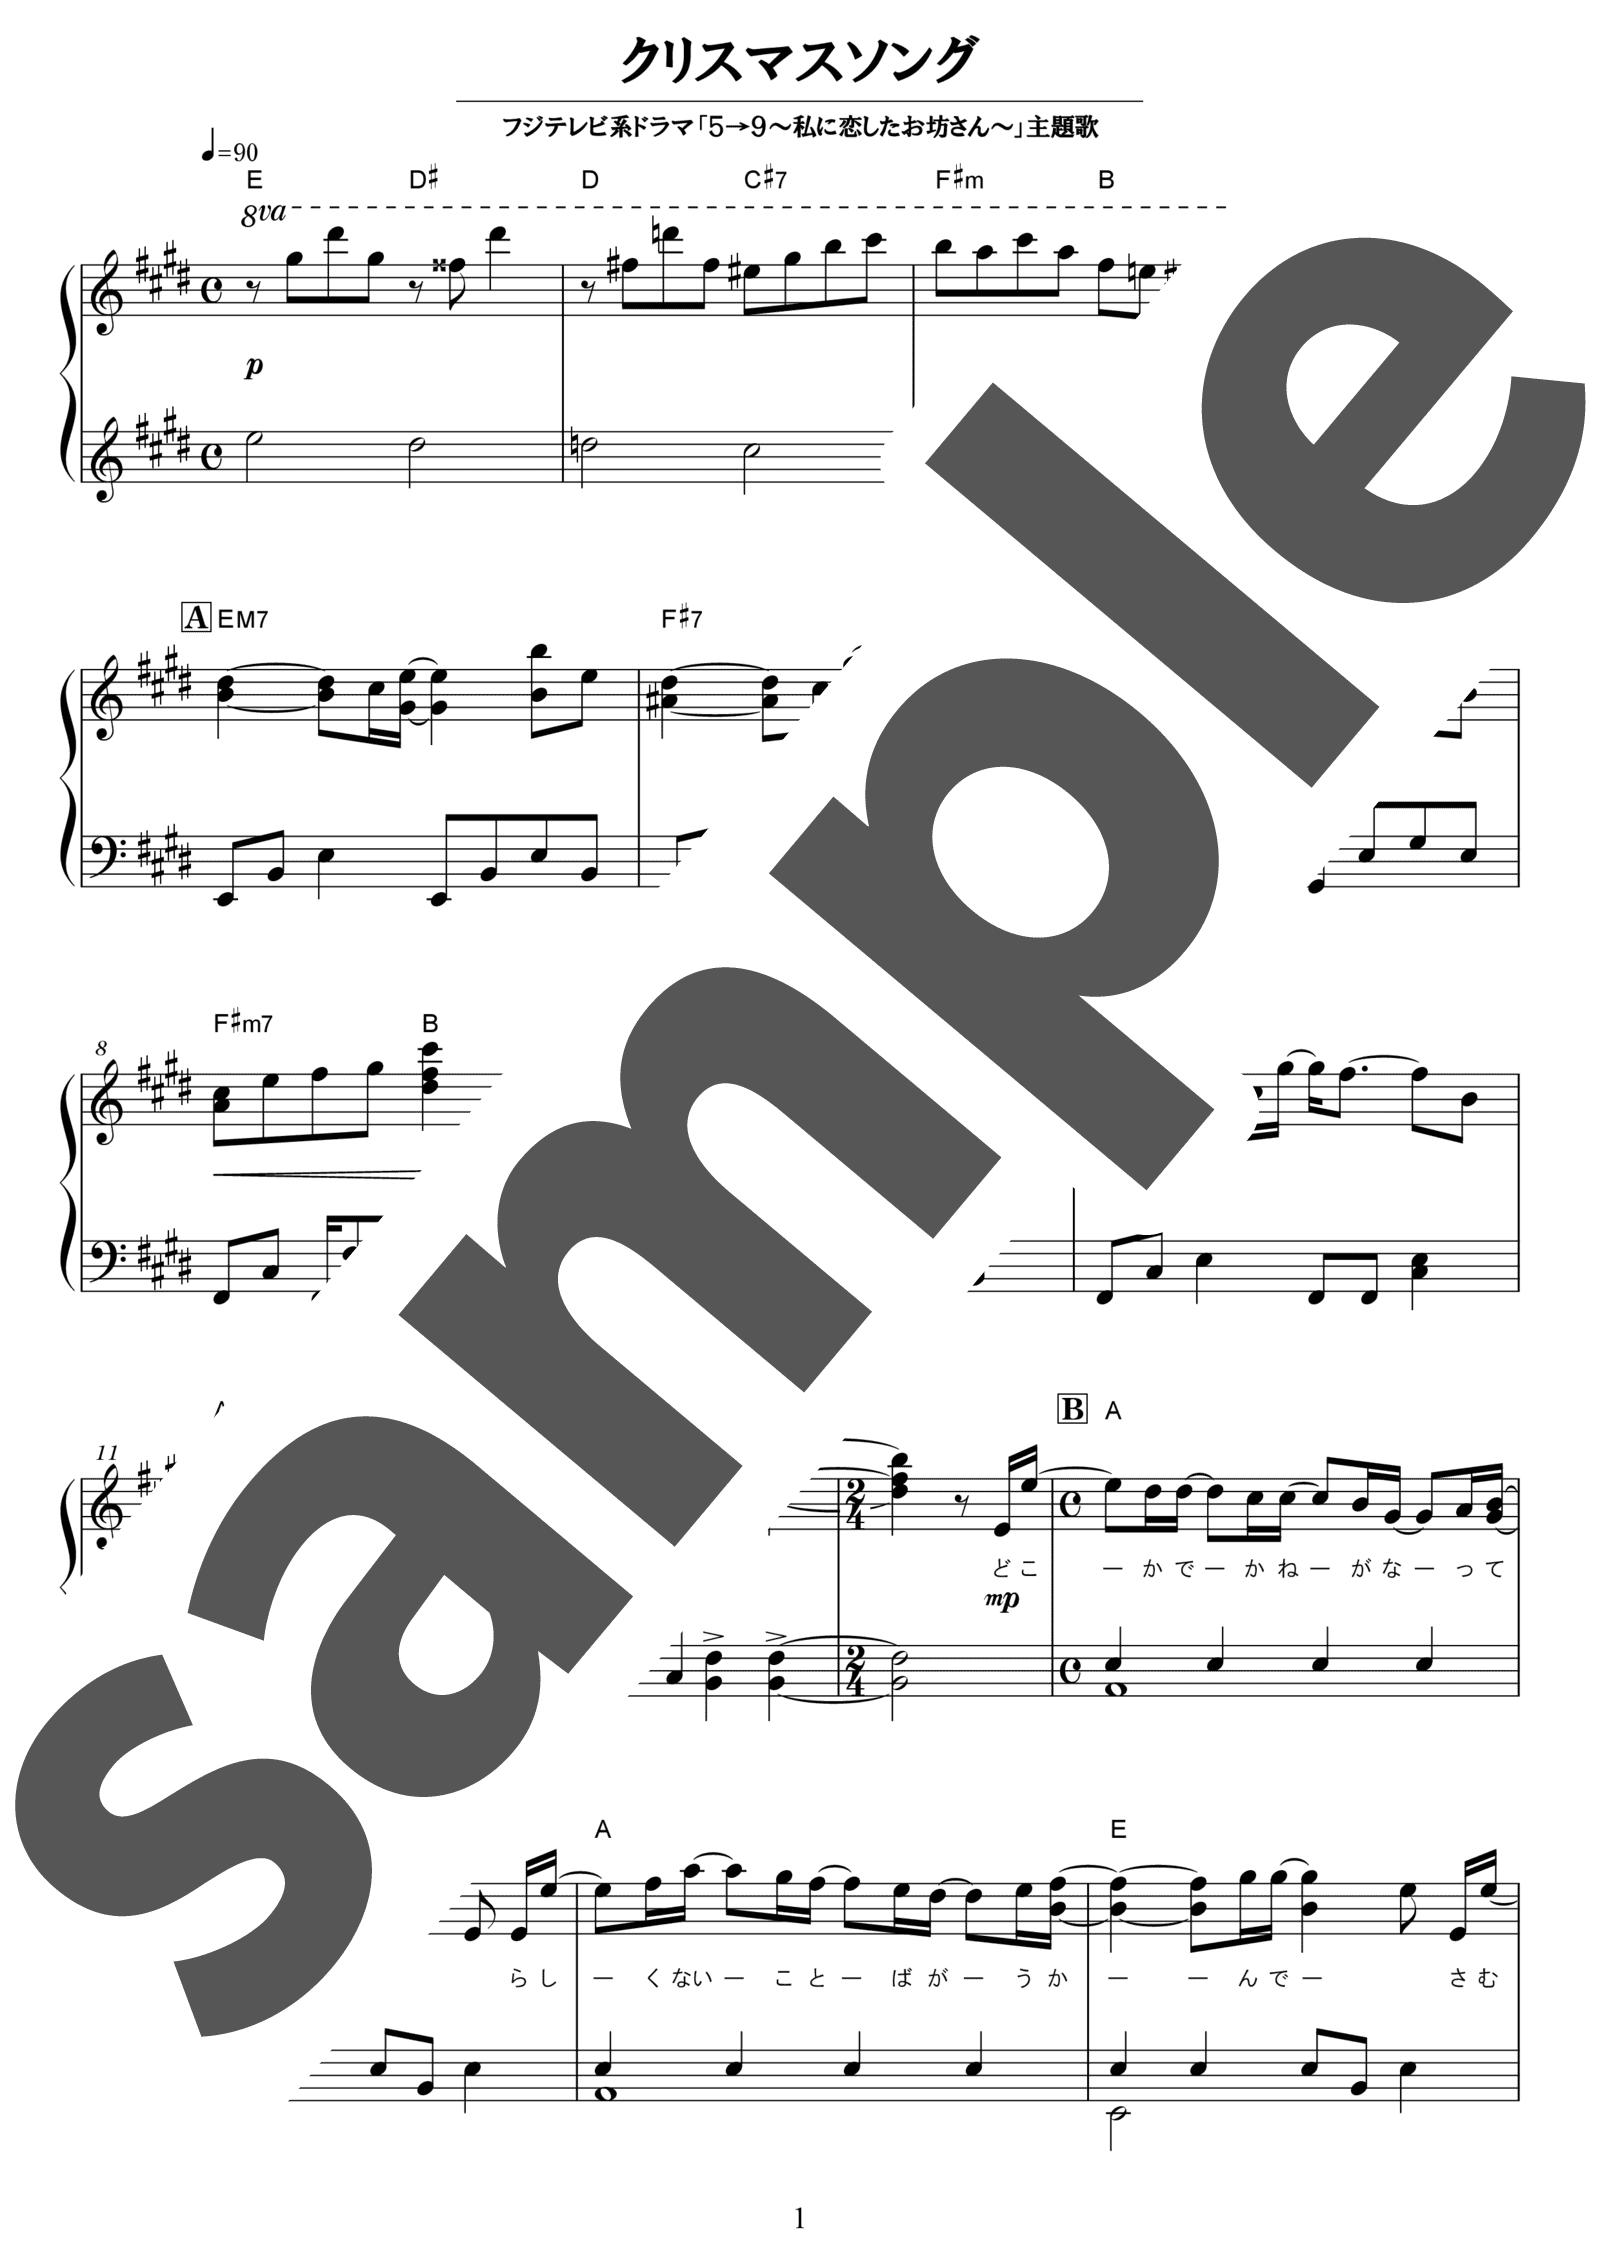 「クリスマスソング」のサンプル楽譜